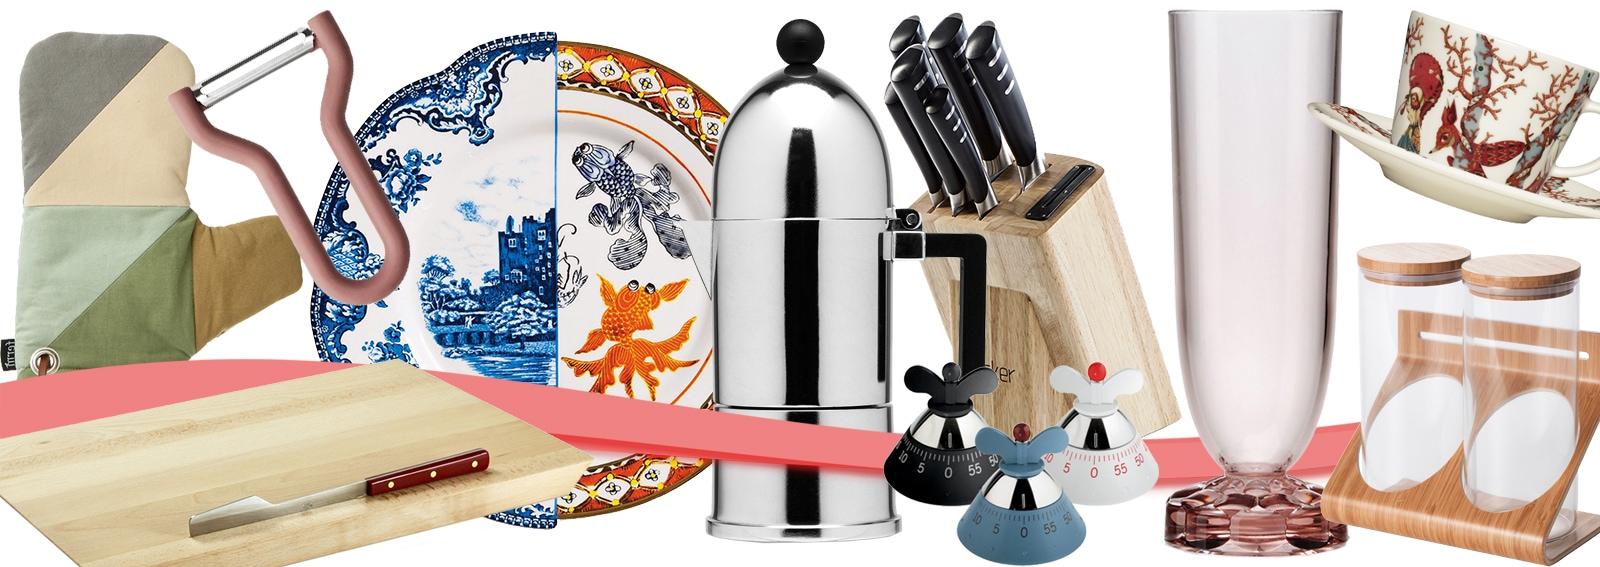 cover-accessori-cucina-sotto-100-euro-desktop